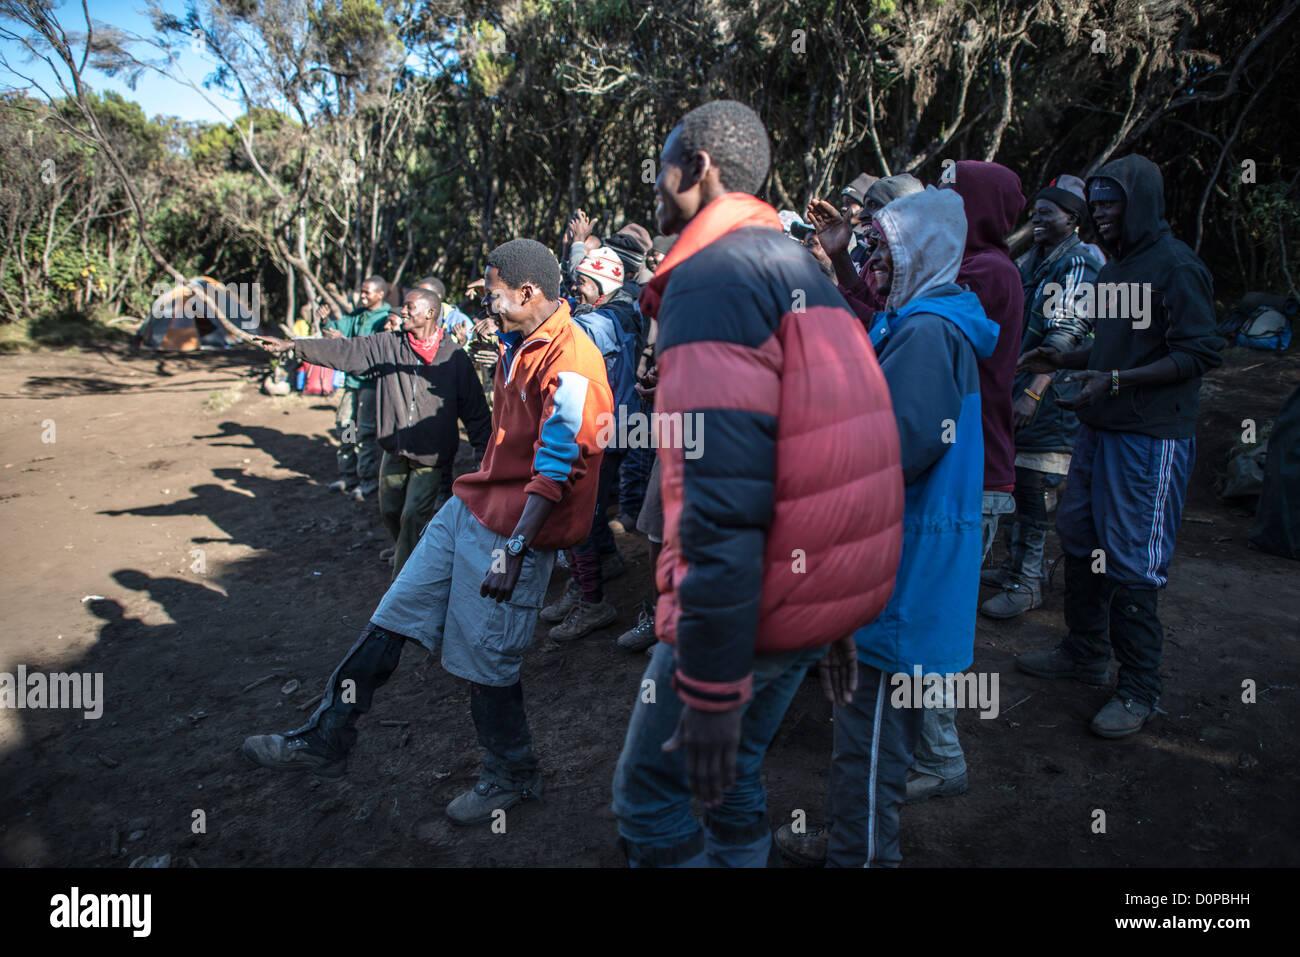 MT KILIMANJARO, Tanzania - Porters and guides sing the Kilimanjaro song as a group completes a climb of Mt Kilimanjaro - Stock Image